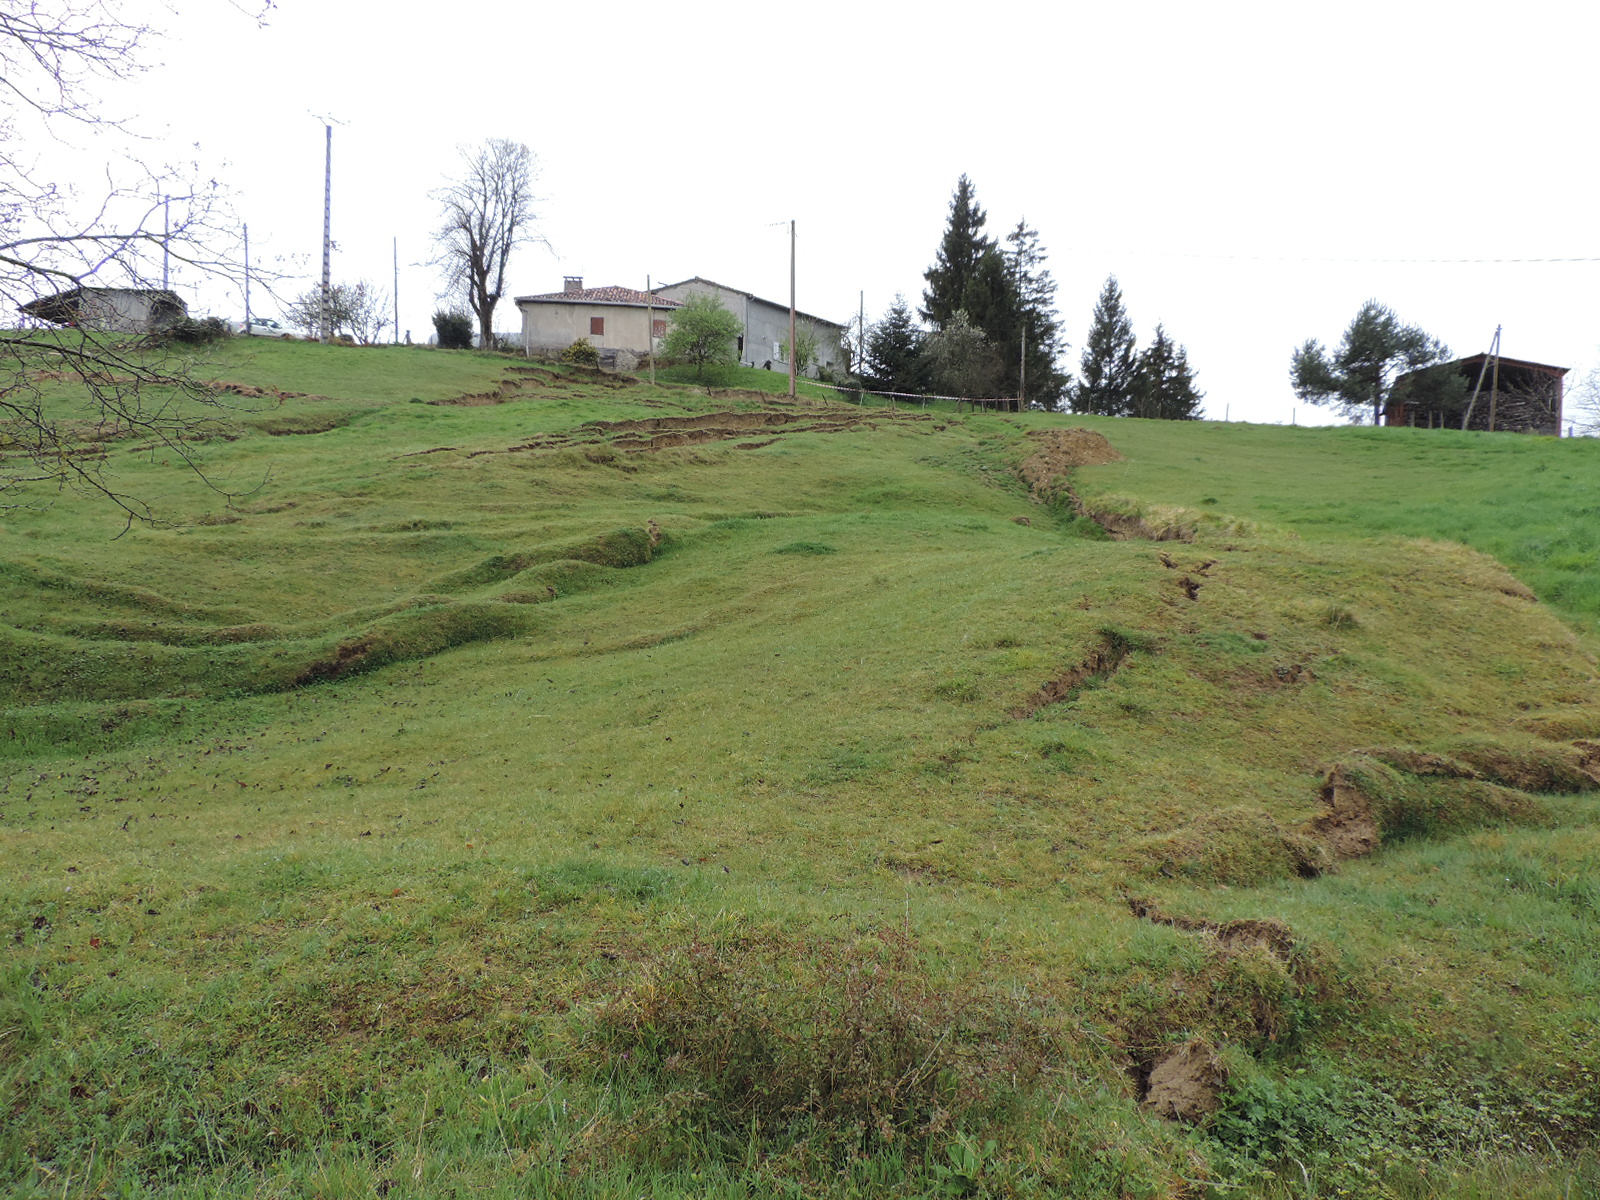 La désagrégation du sol à Taurignan-Castet. © DDT 09